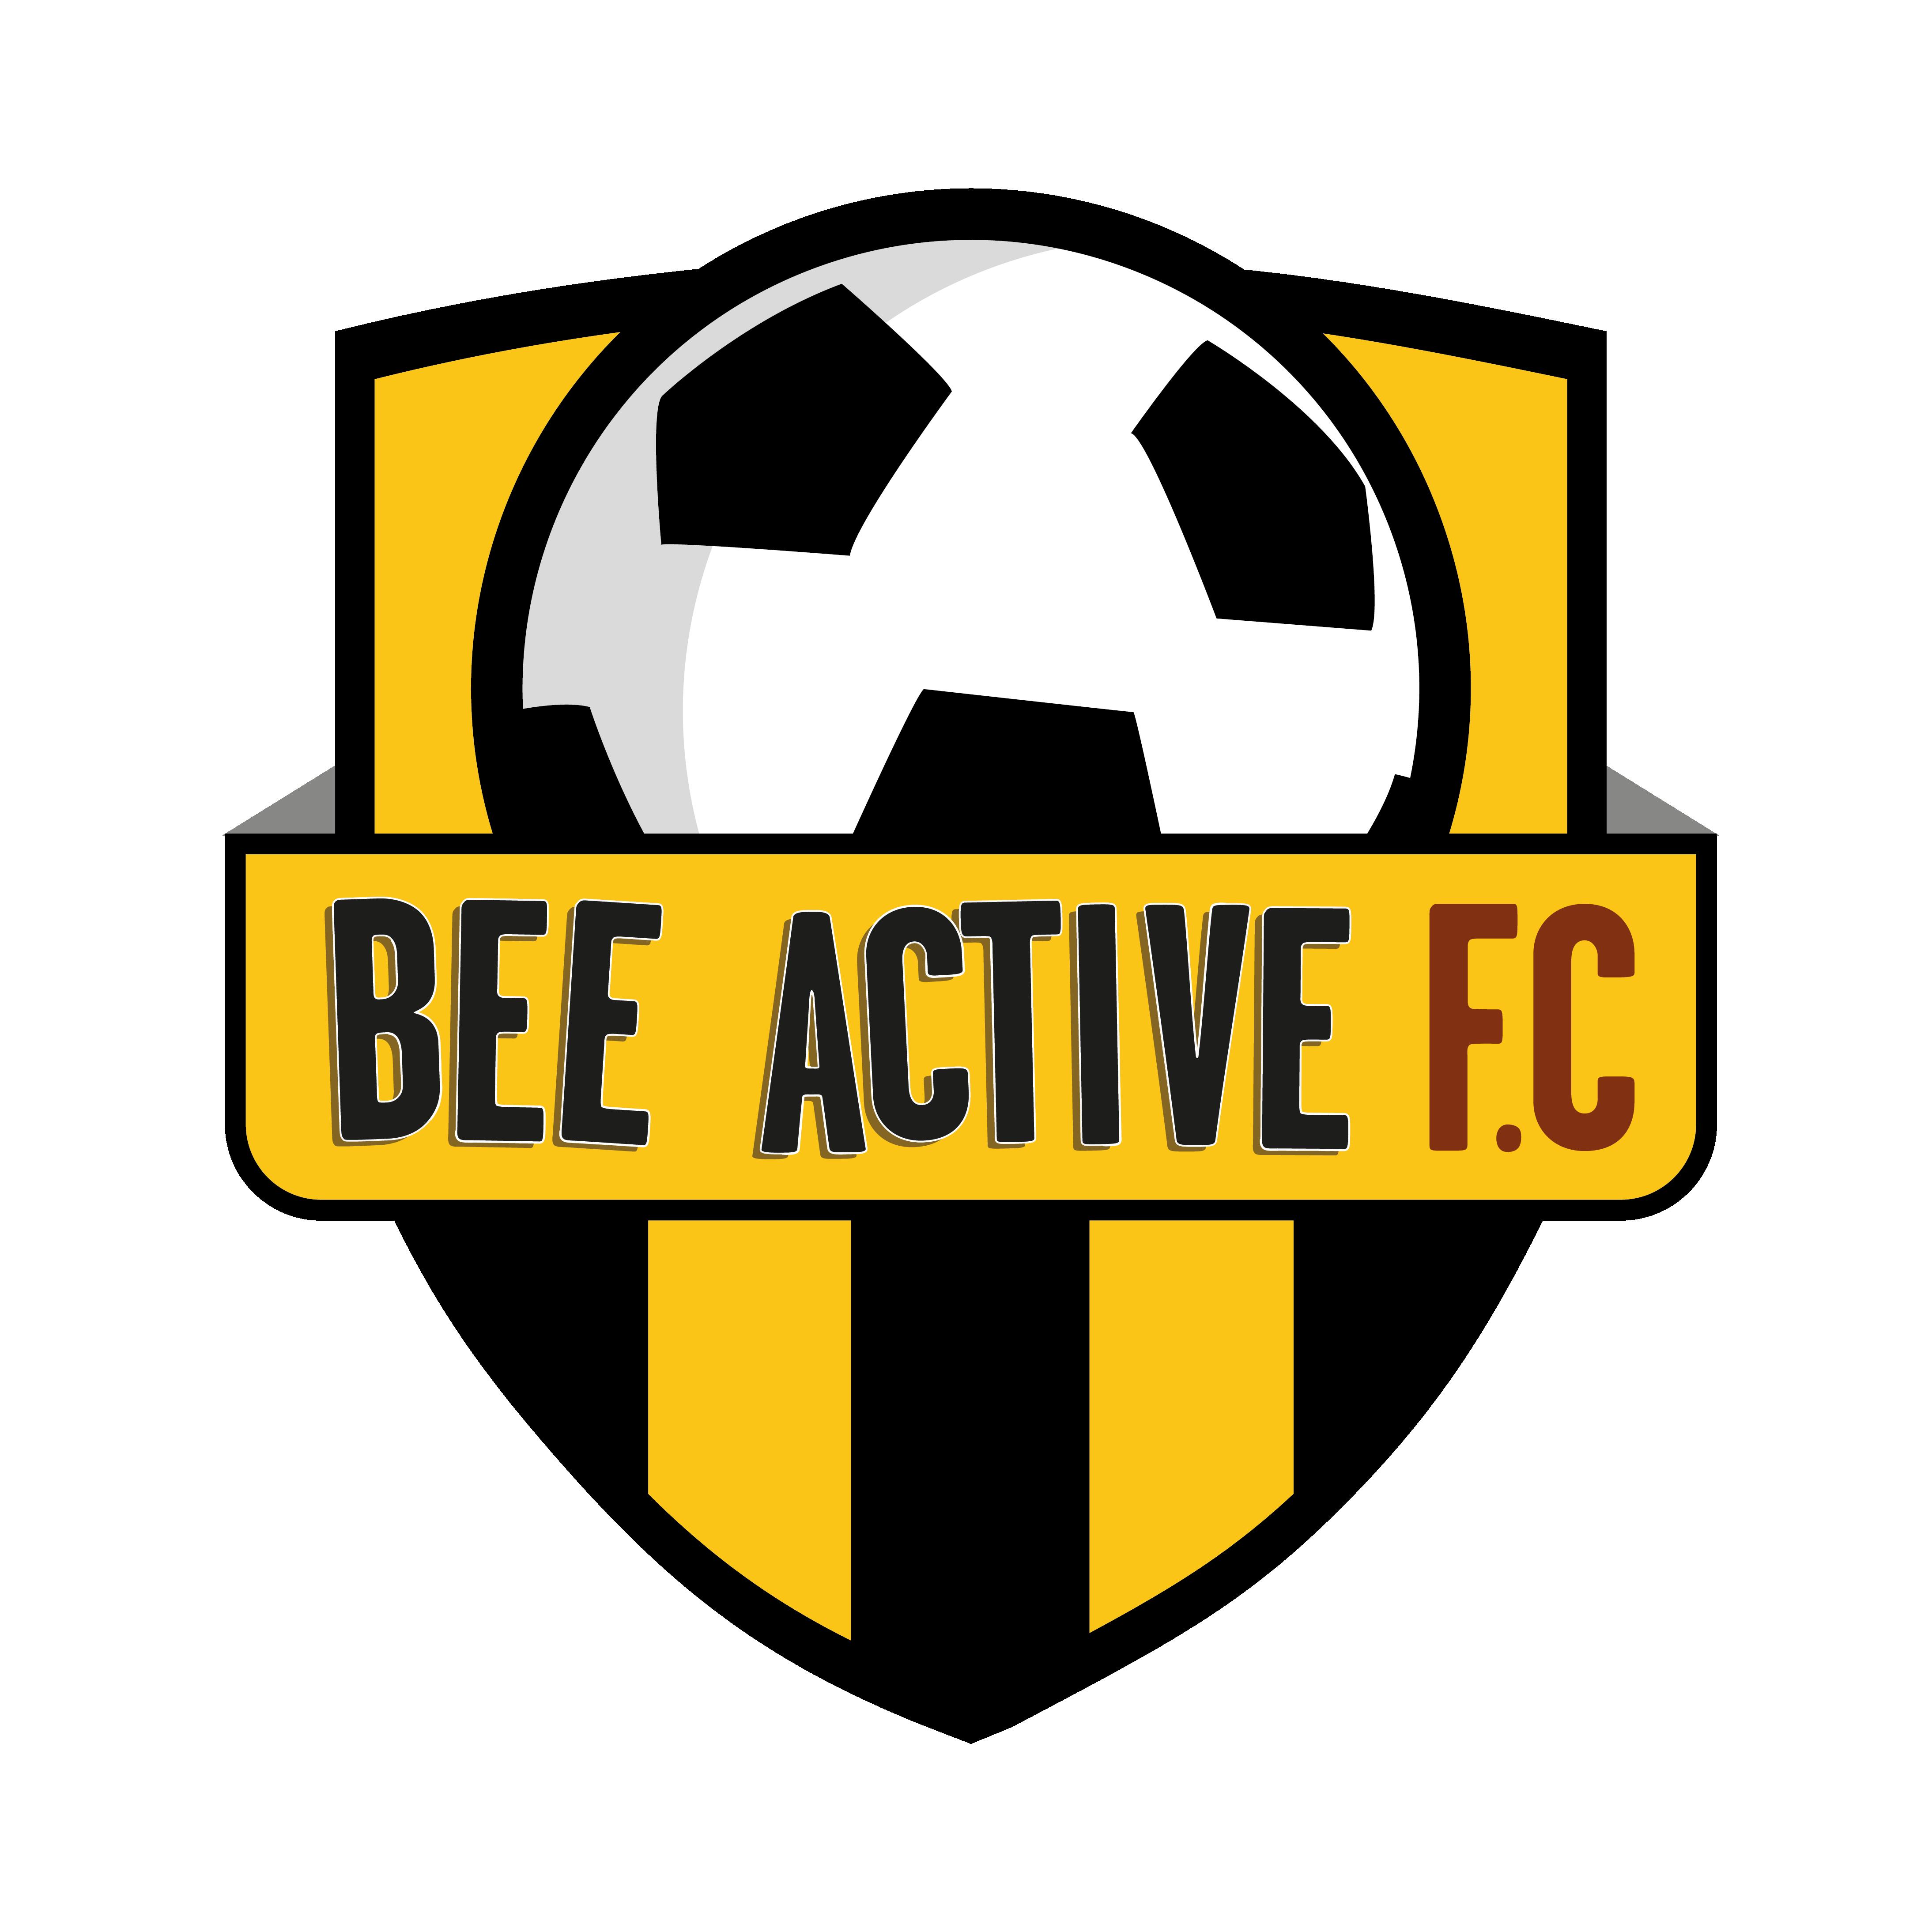 Bee Active F.C